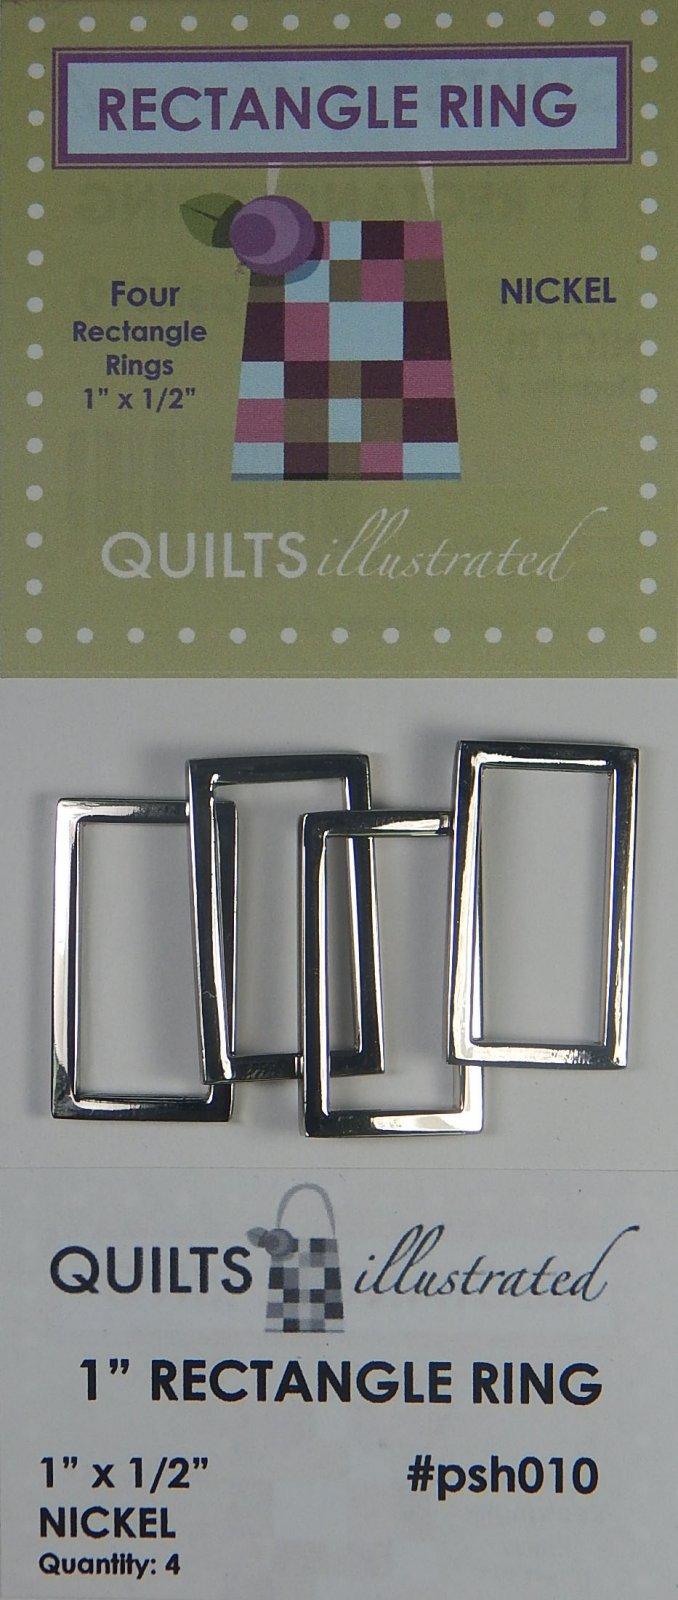 1 Rectangle Ring Set - Nickel - psh010